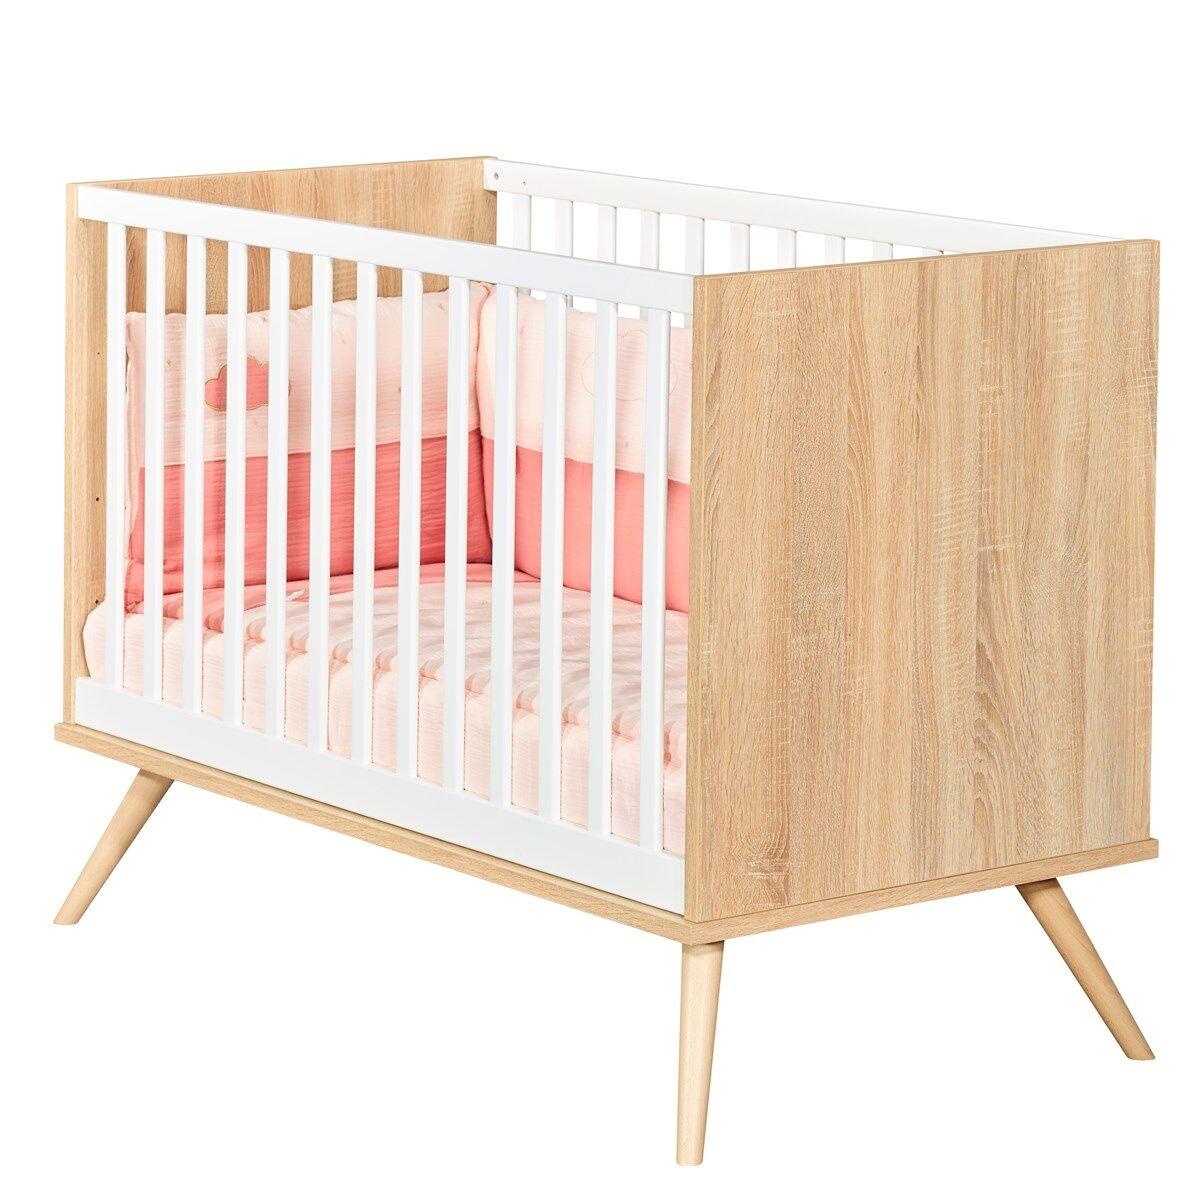 Sauthon Lit bébé 120x60 en bois marron